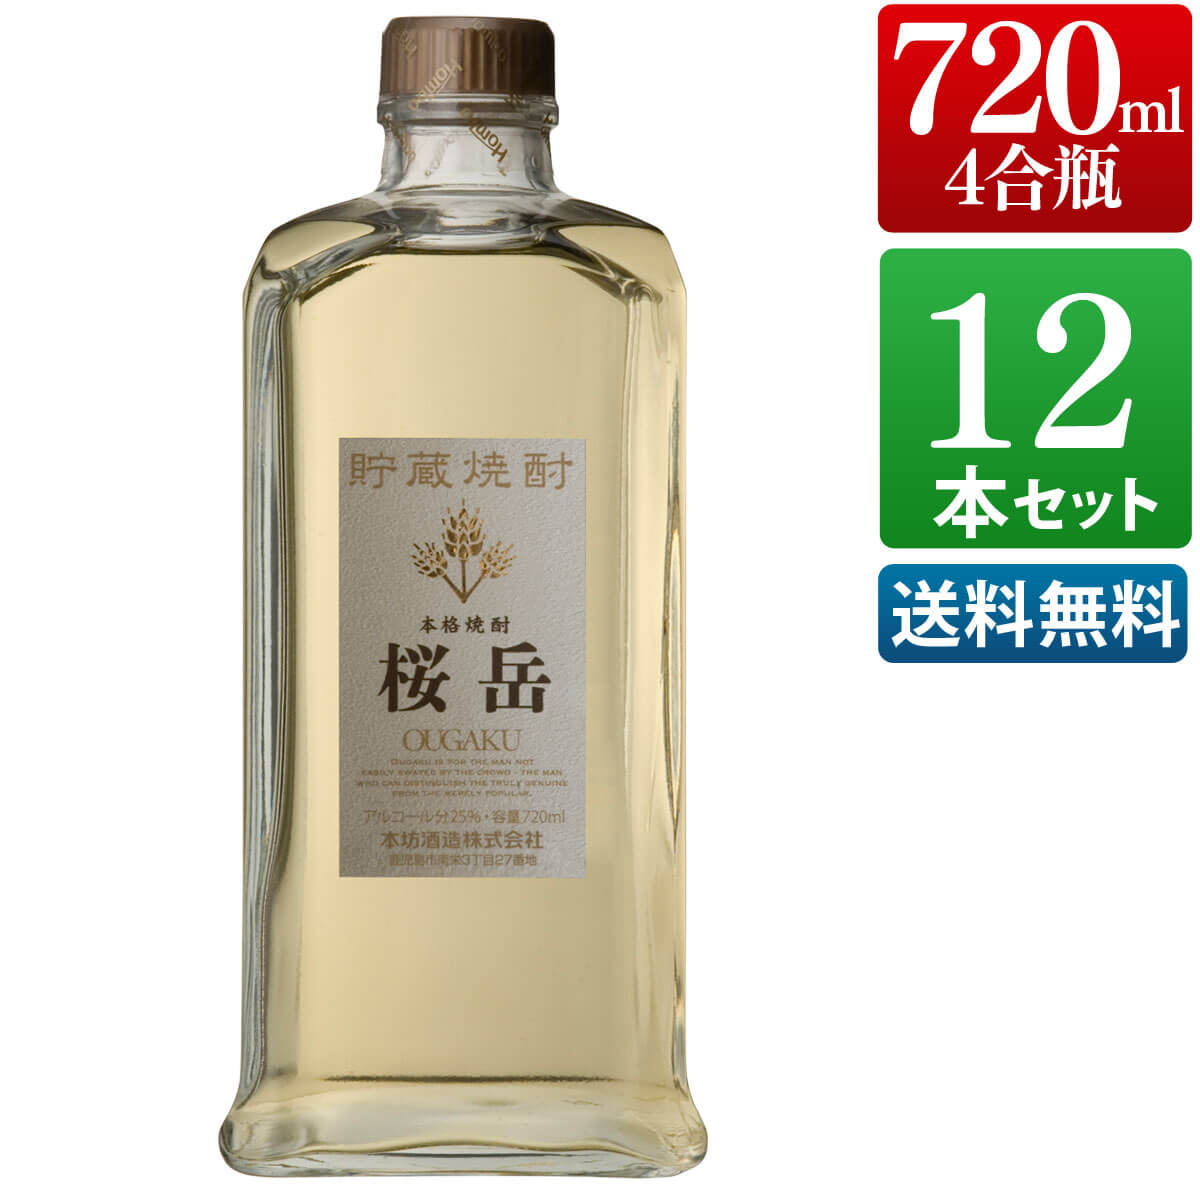 麦焼酎 12本セット 桜岳 25度 720ml [ 本坊酒造 麦焼酎 / 鹿児島県 / 送料無料 ]